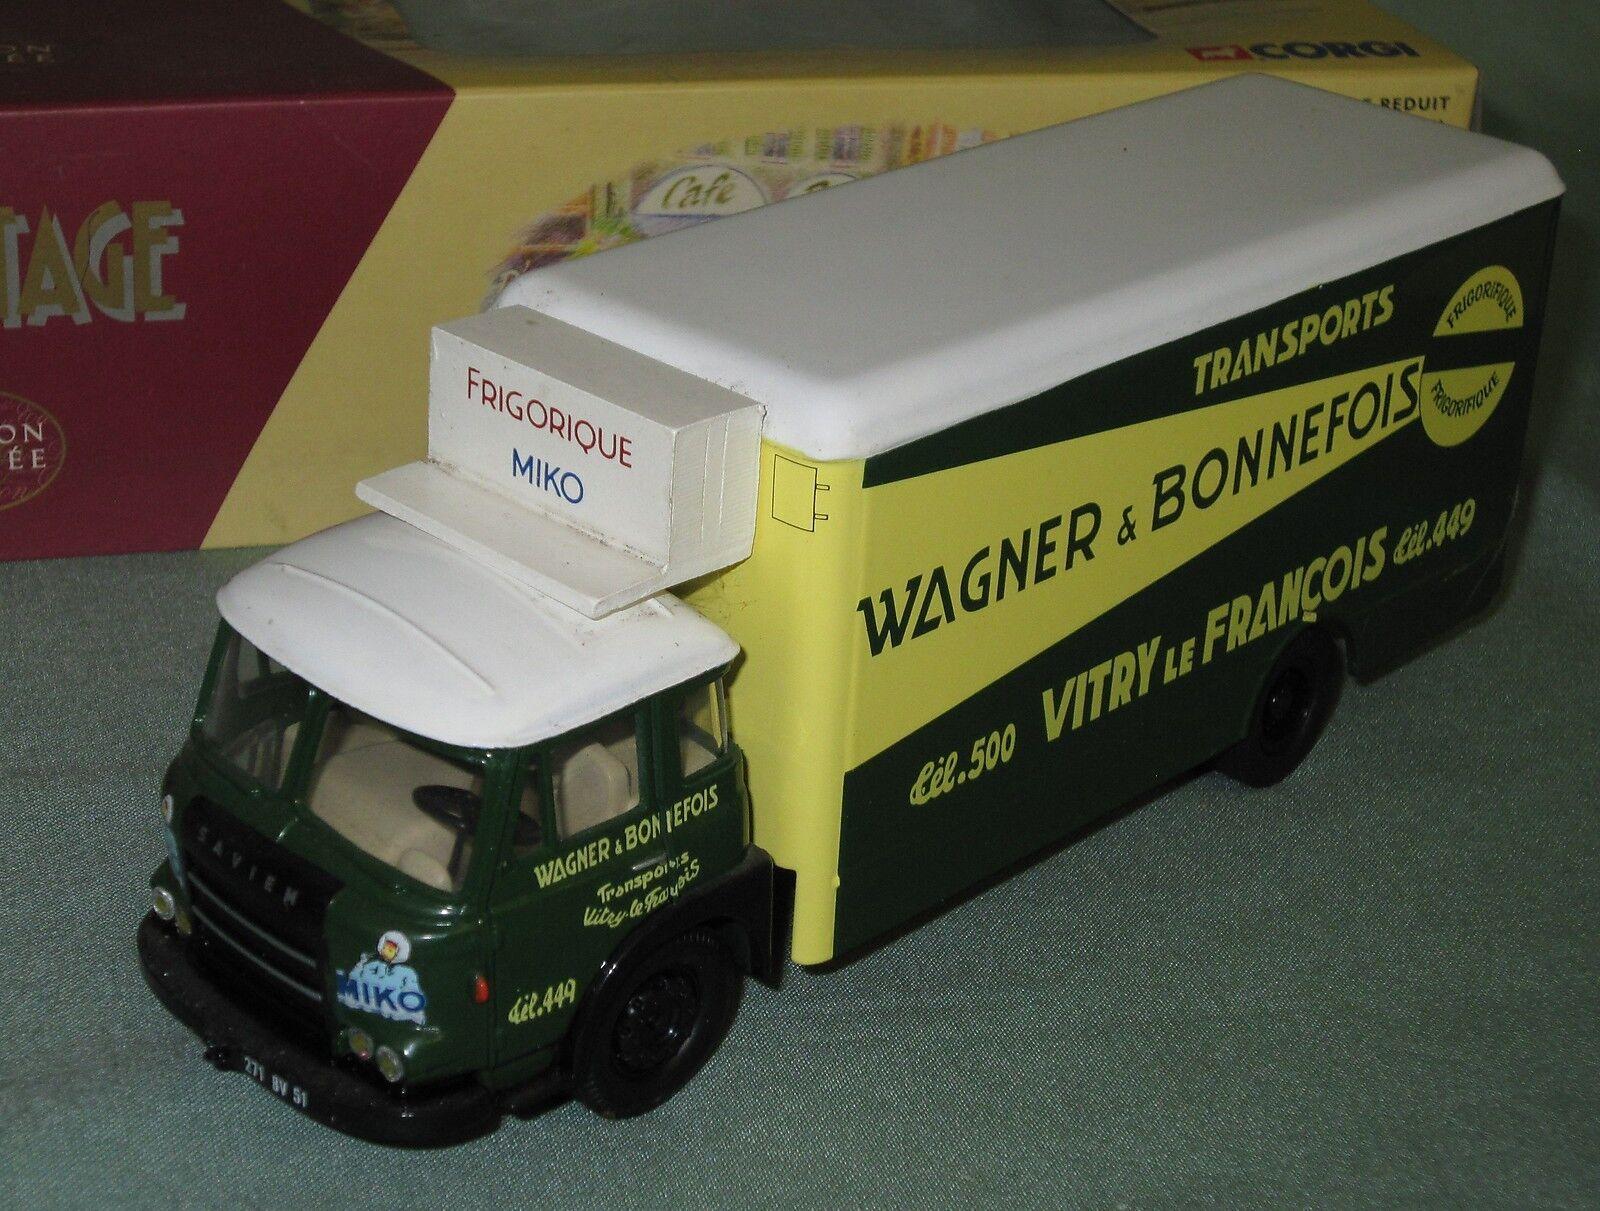 Z428 CORGI HERITAGE RENAULT JL CAMION TRANSPORTS WAGNER BONNEFOIS 1 50 70905 NB